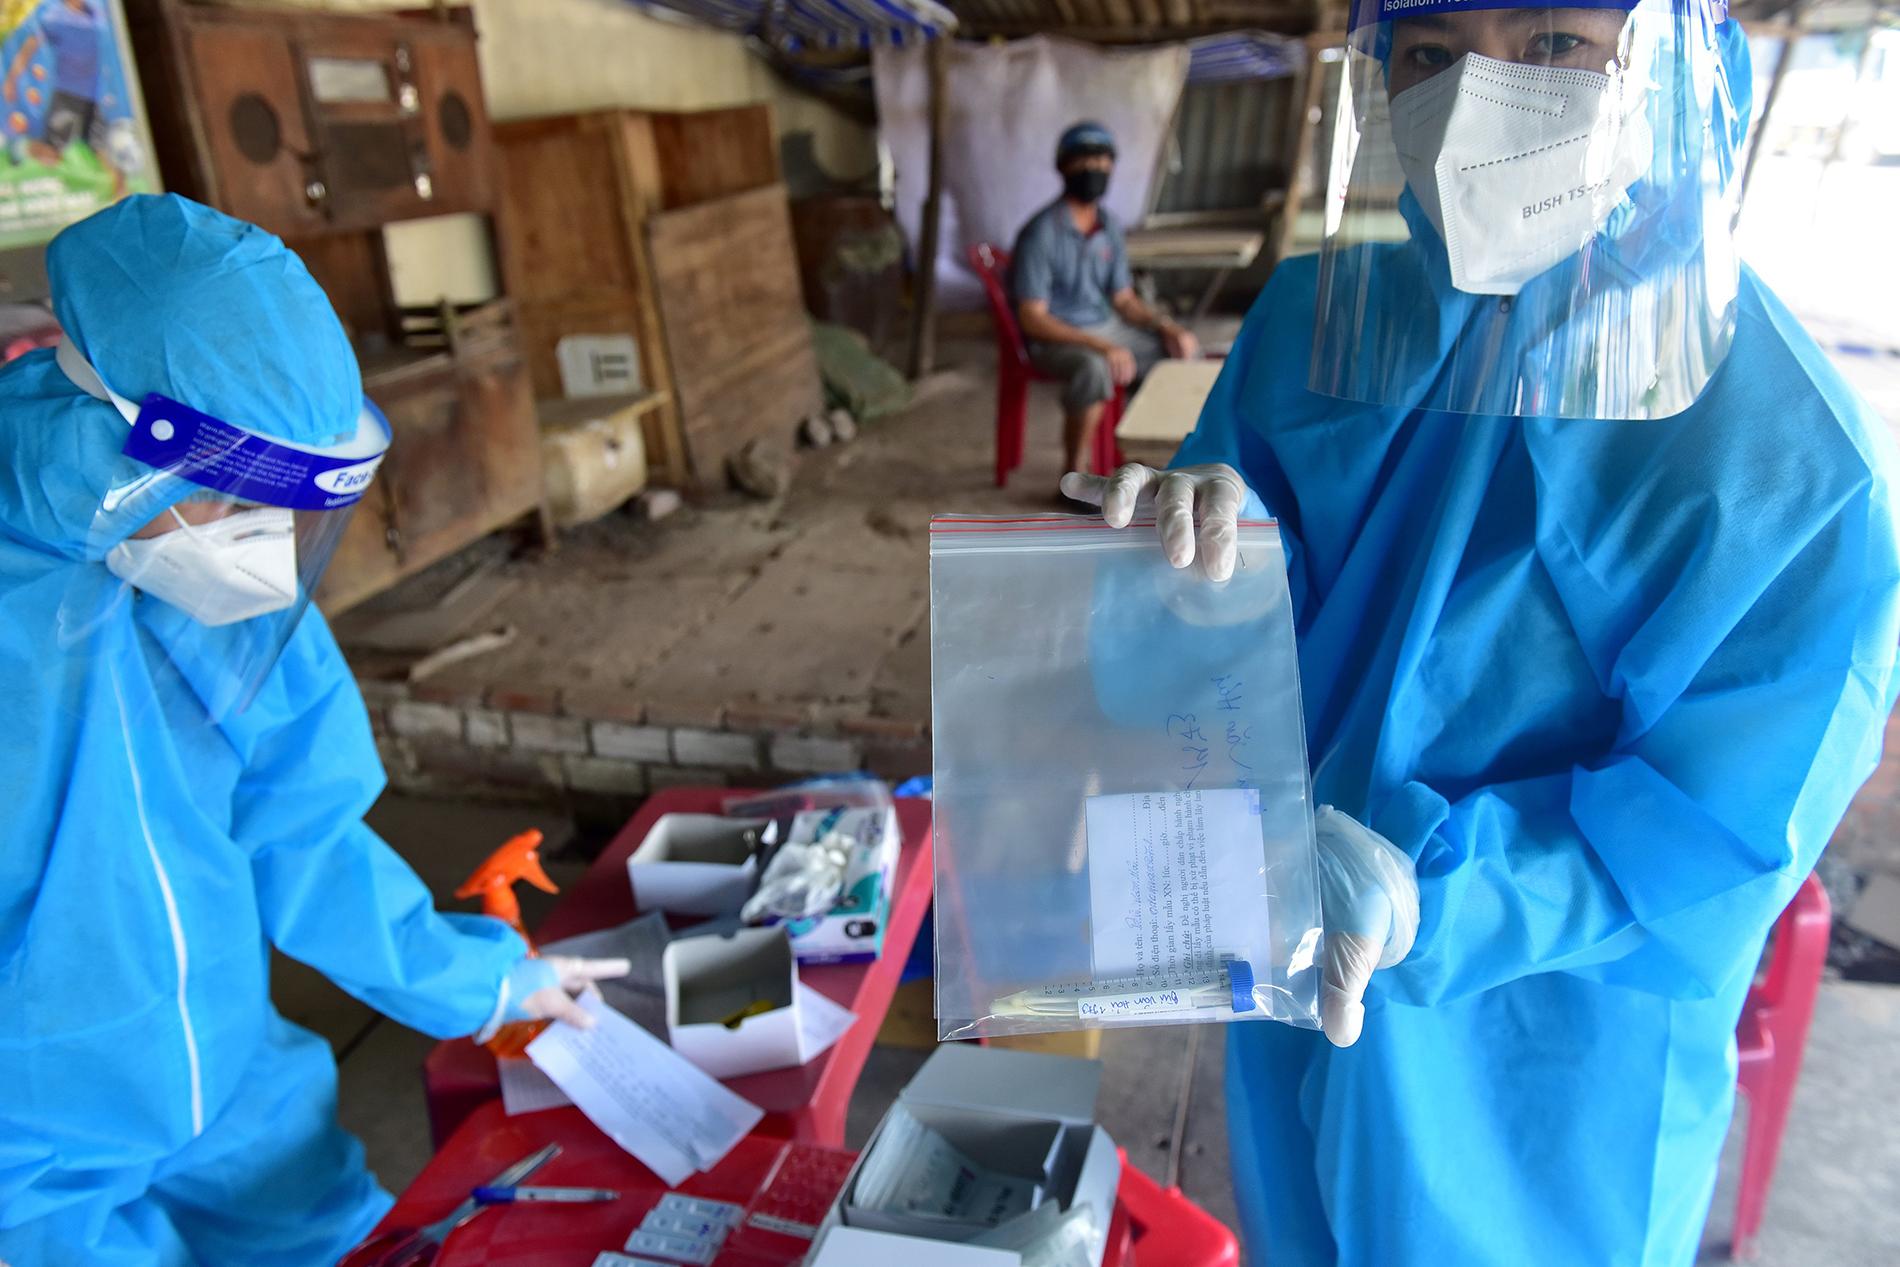 TP.HCM: Người đàn ông đi mua gạo dương tính SARS-CoV-2 khi test nhanh COVID-19 bên đường - 8